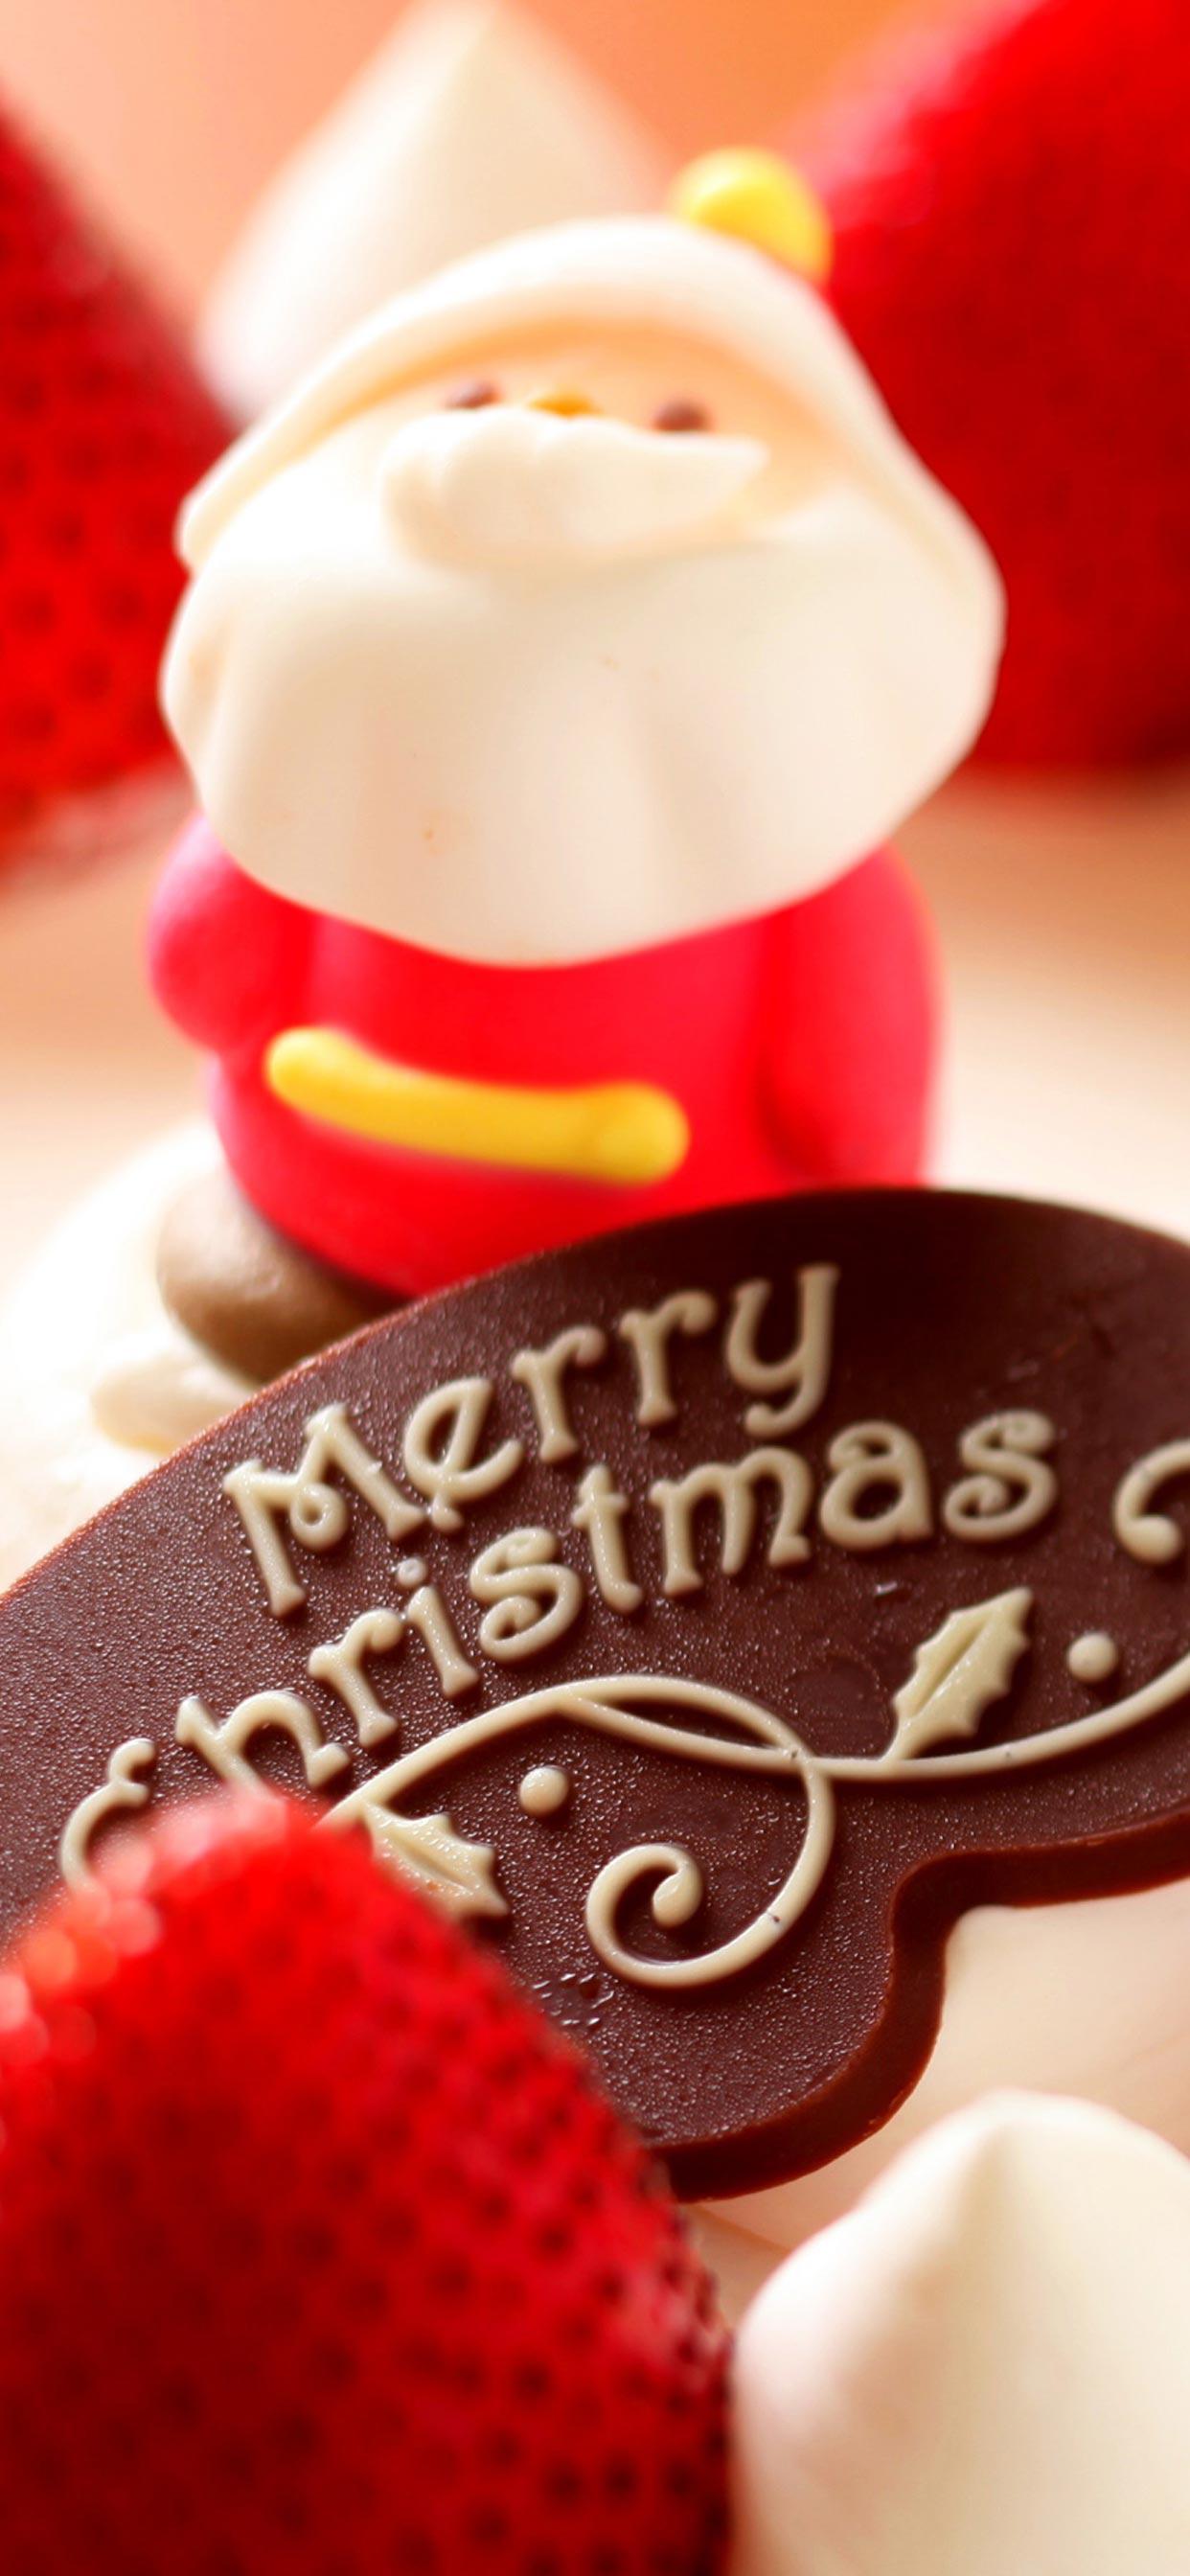 عکس زمینه تبریک کریسمس کیک و شیرینی بابانوئل پس زمینه